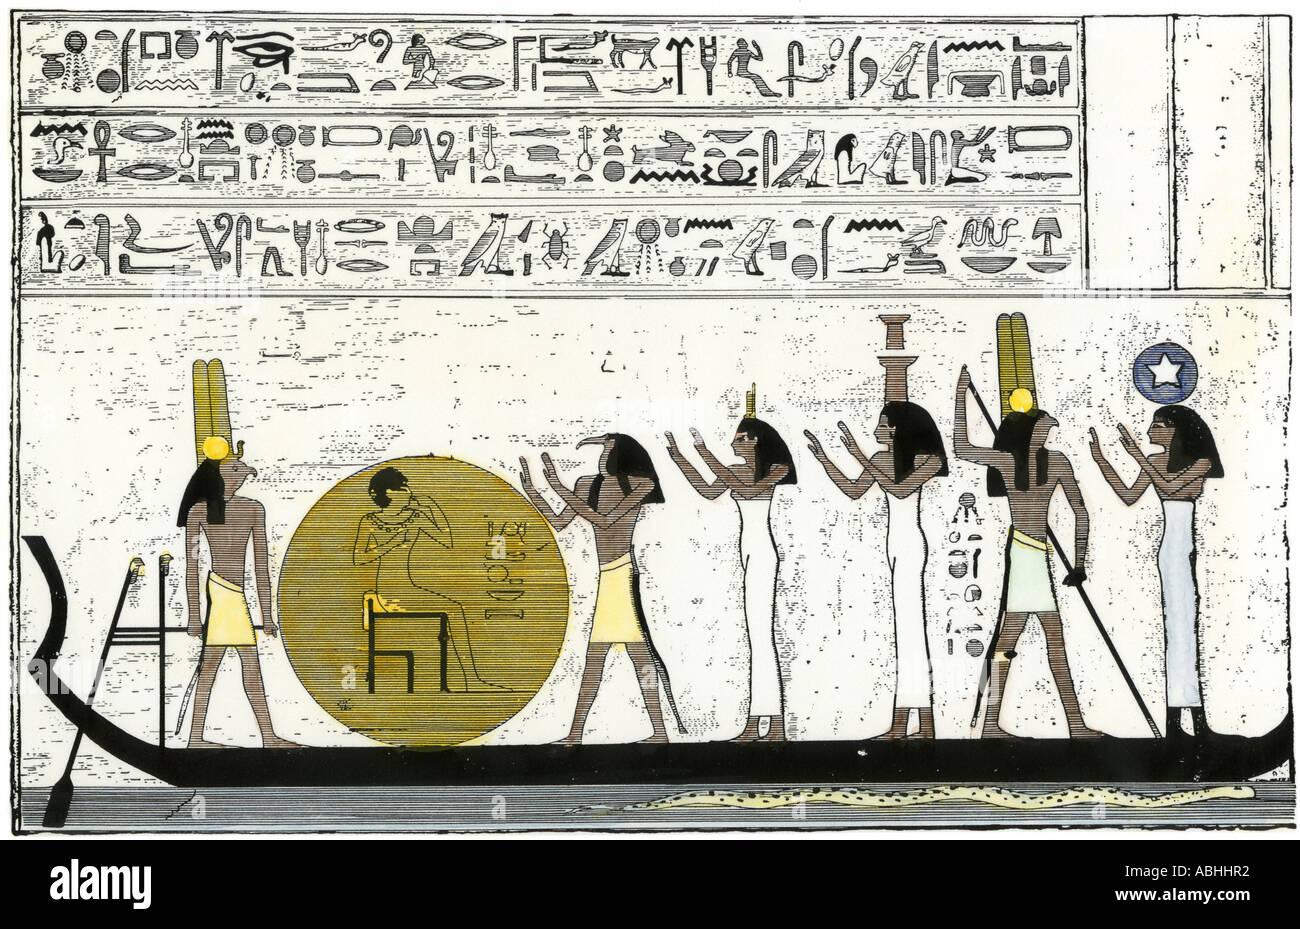 Sonnengott Ra Einschiffen für seine täglichen Reise durch das alte Ägypten. Hand - farbige Holzschnitt Stockbild